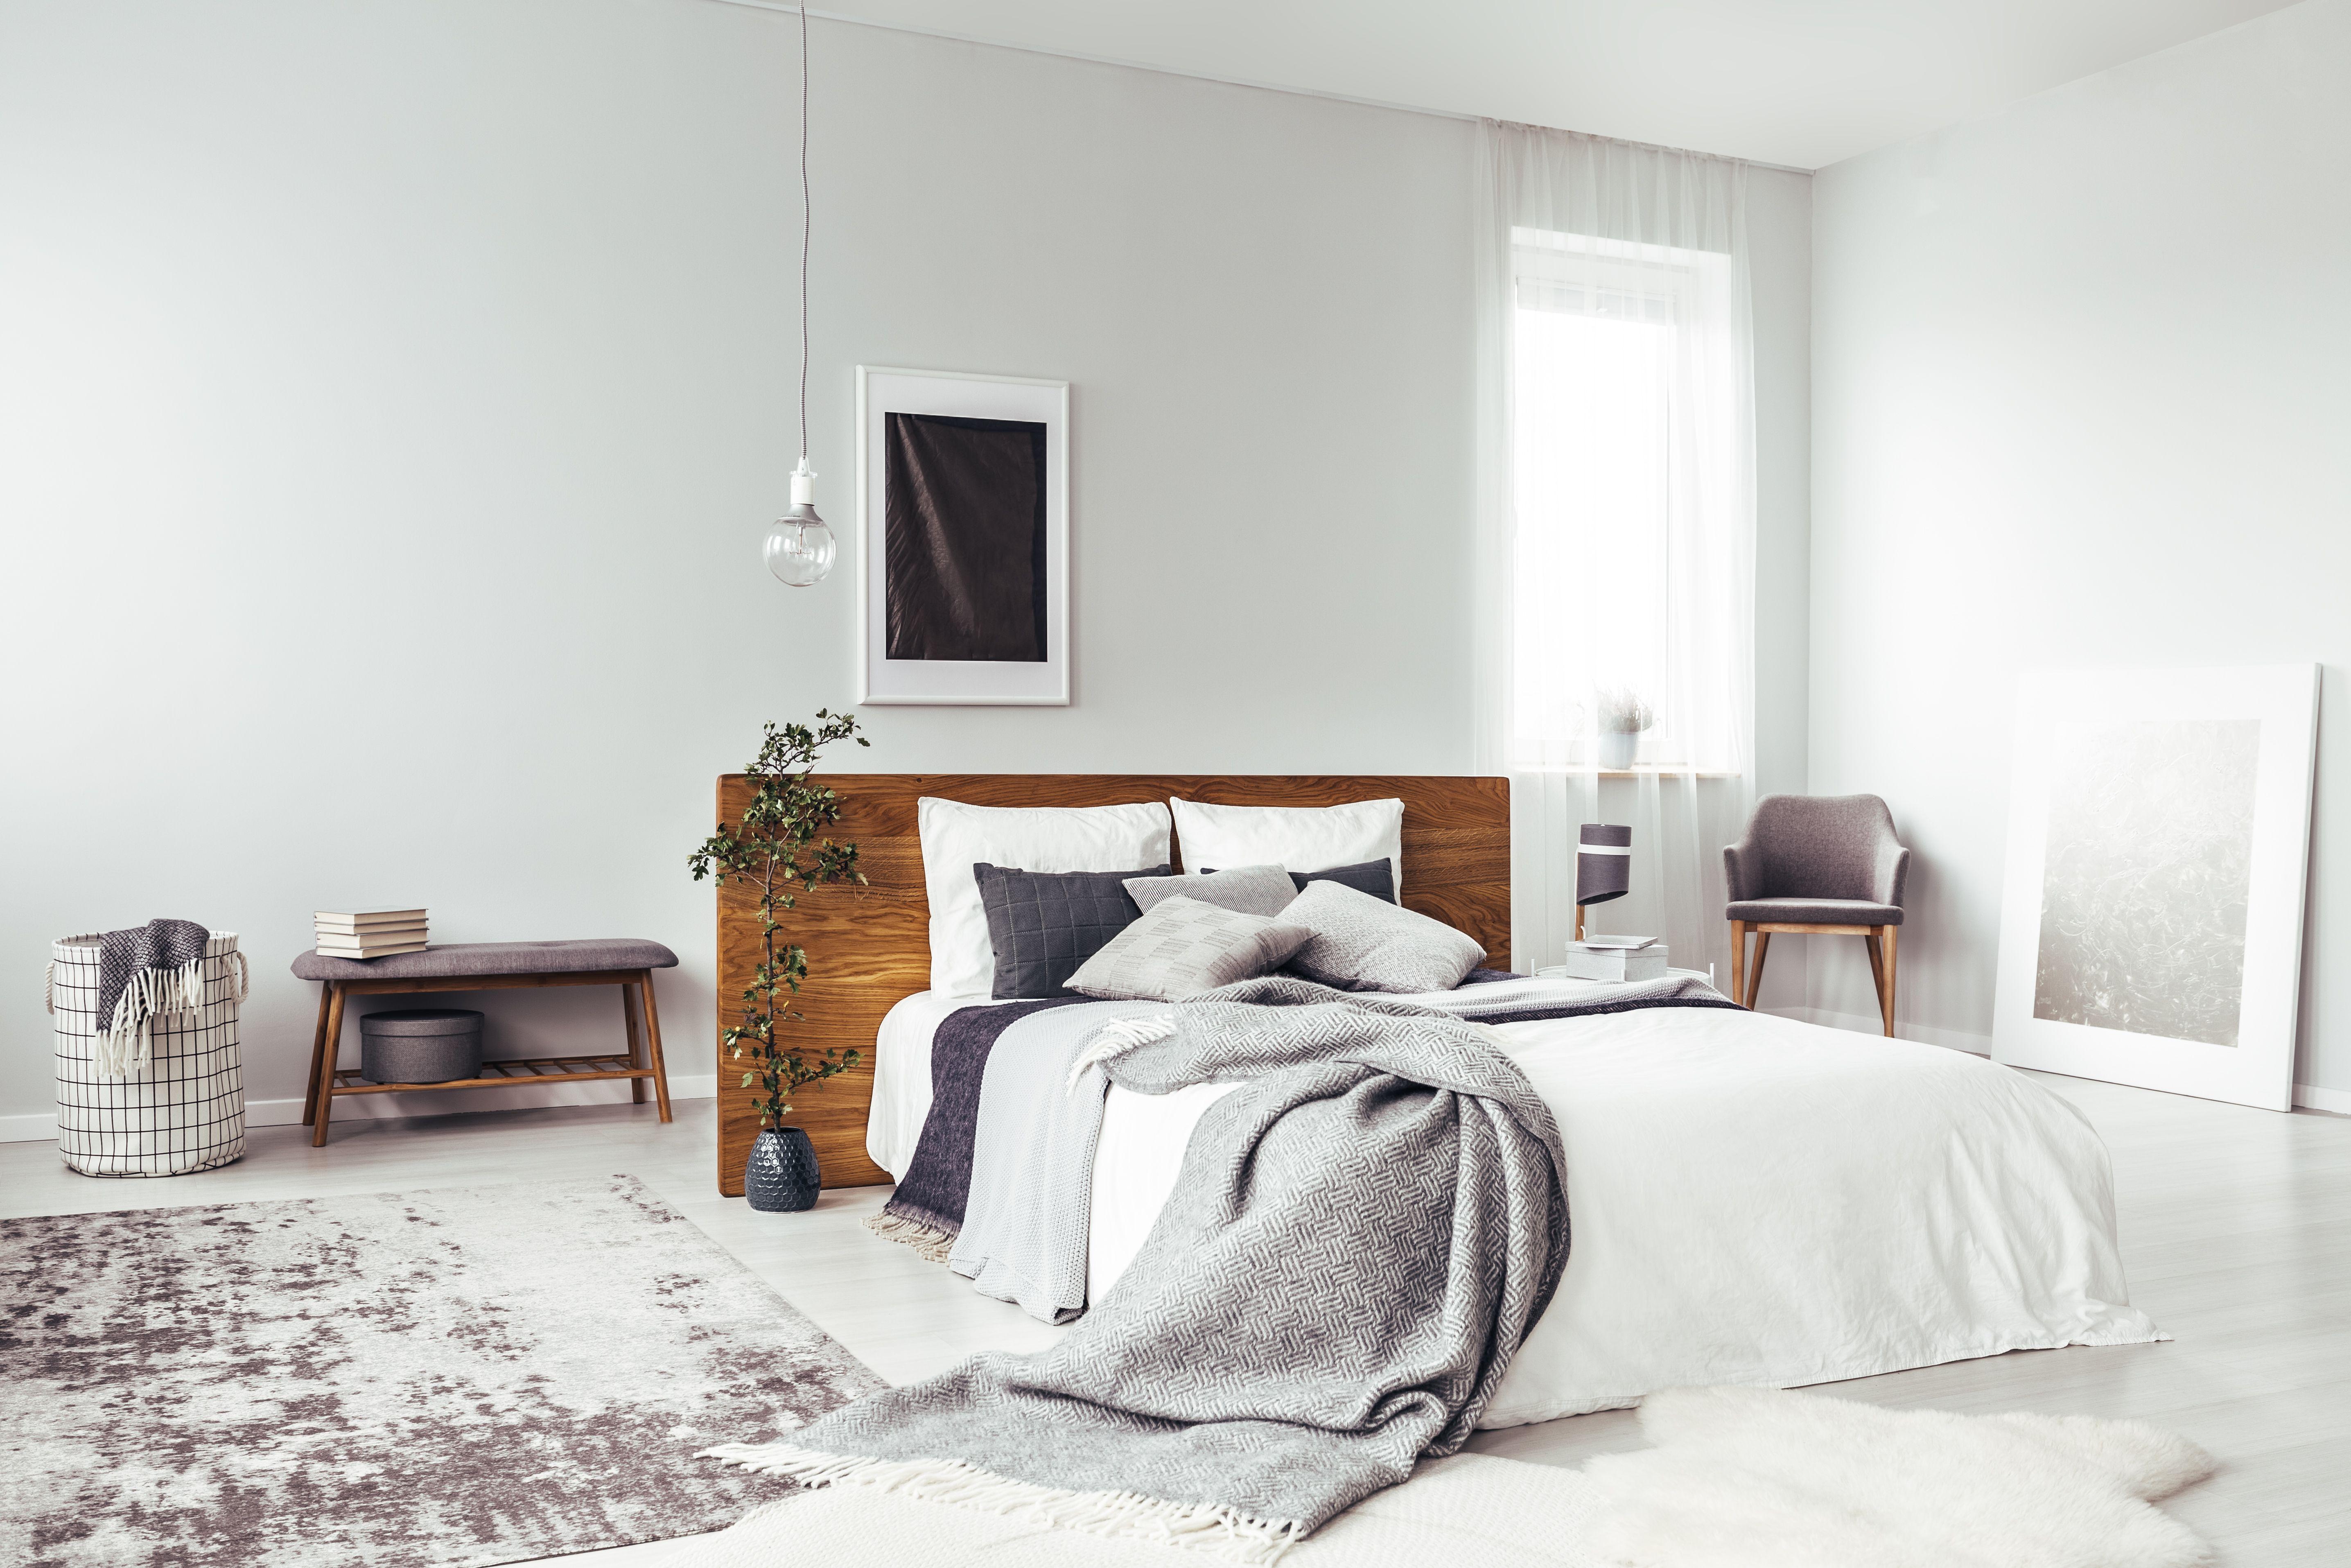 nos idees deco pour une chambre grise et douillette decoration interieure rustique deco chambre grise chambre grise